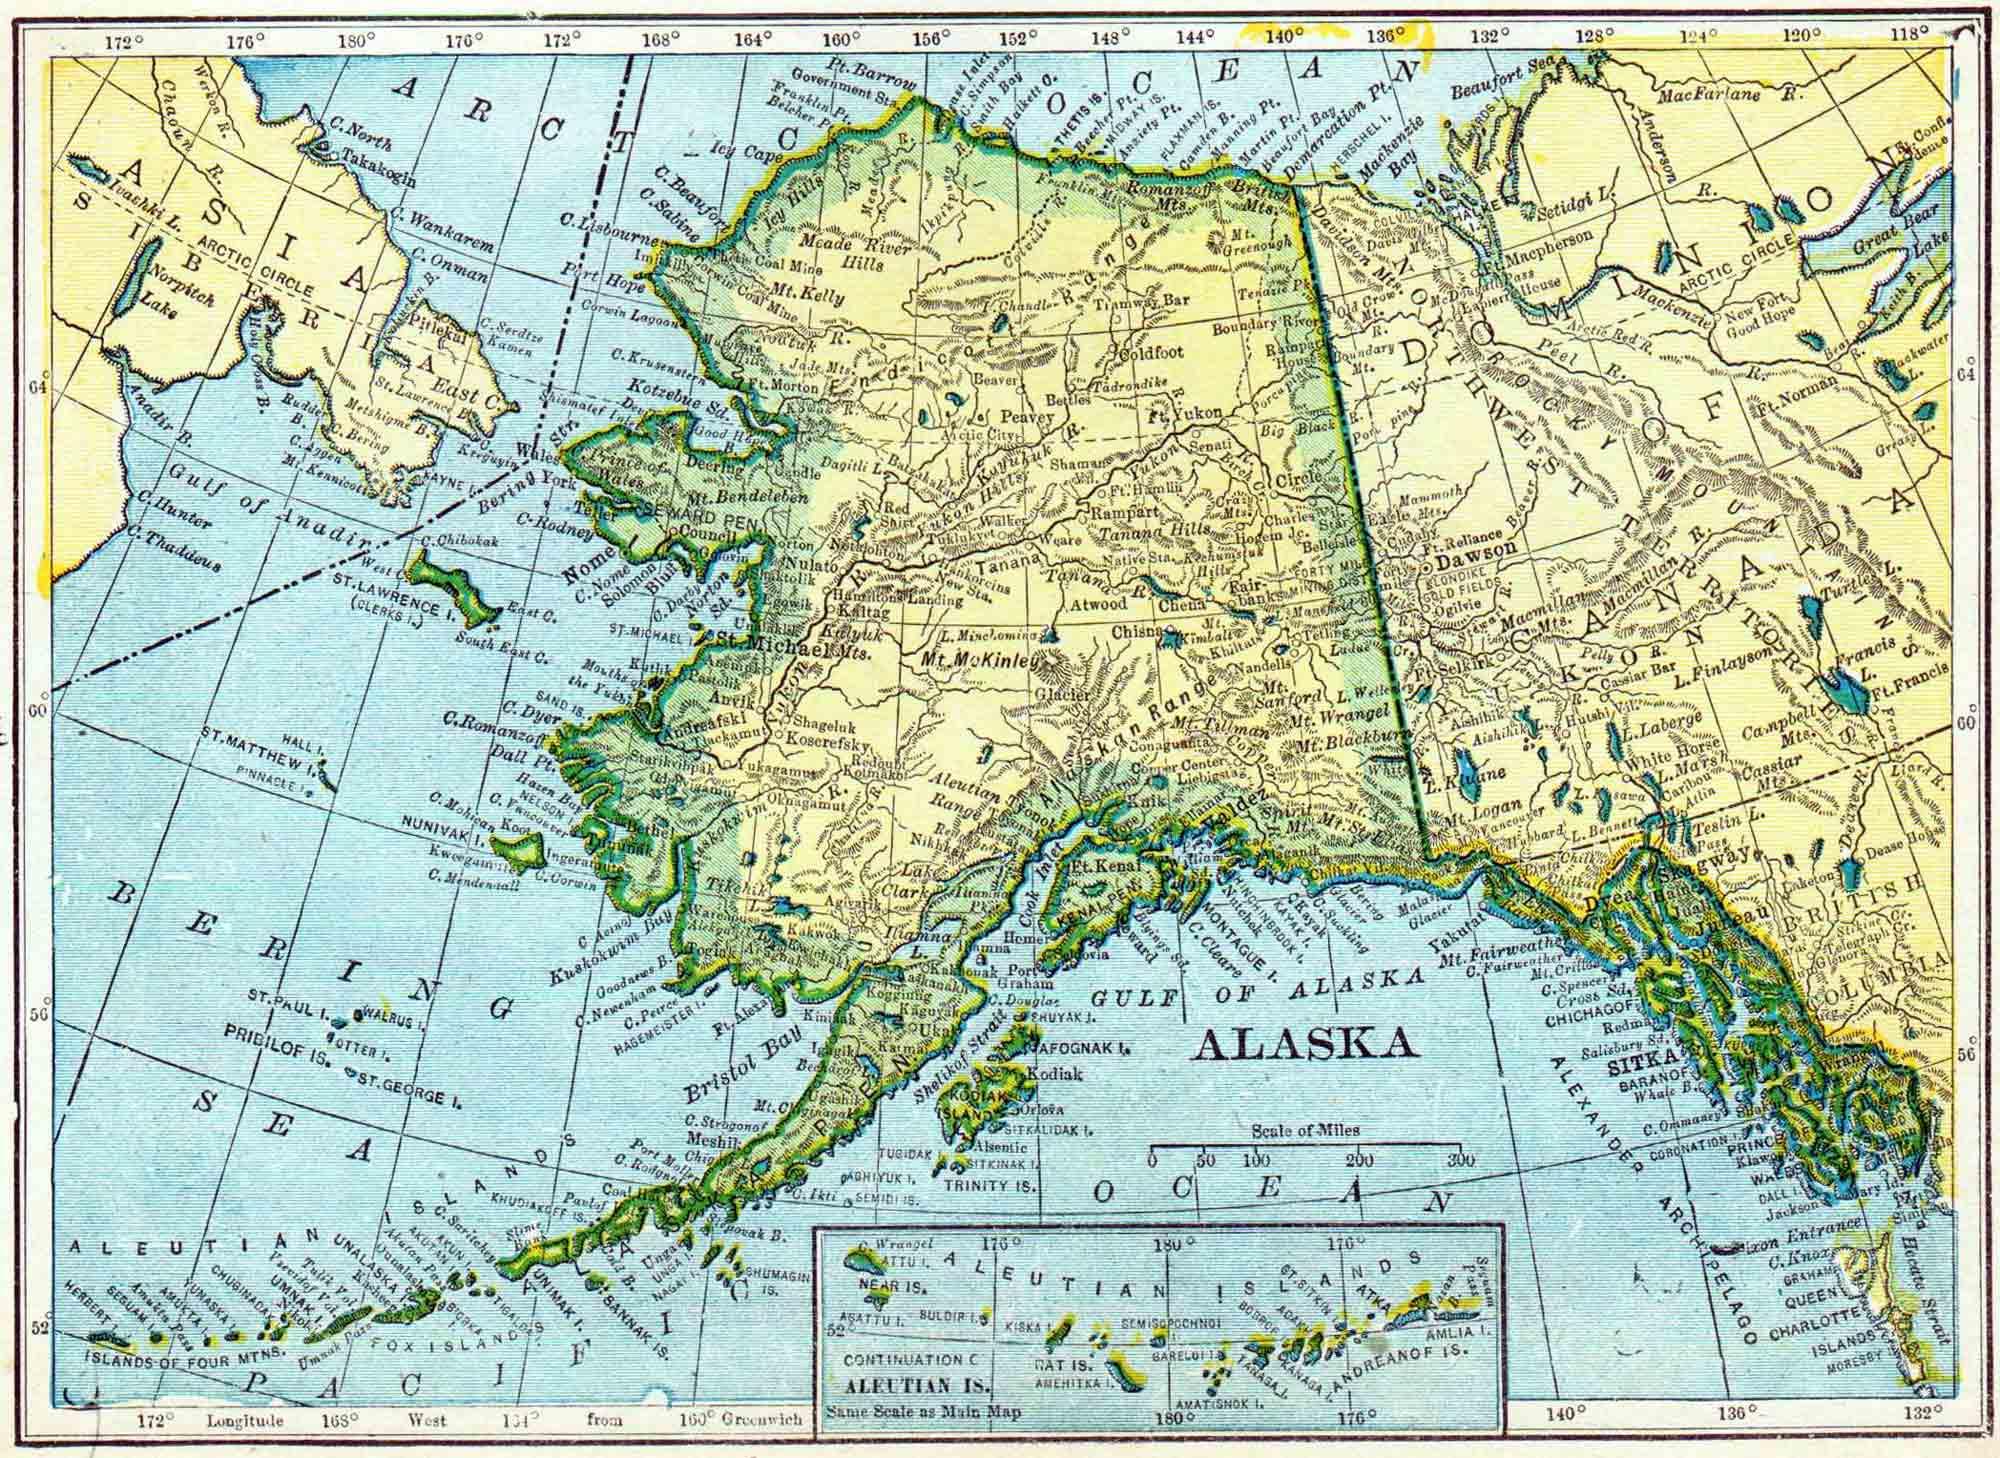 1910 Alaska Census Map   Access Genealogy